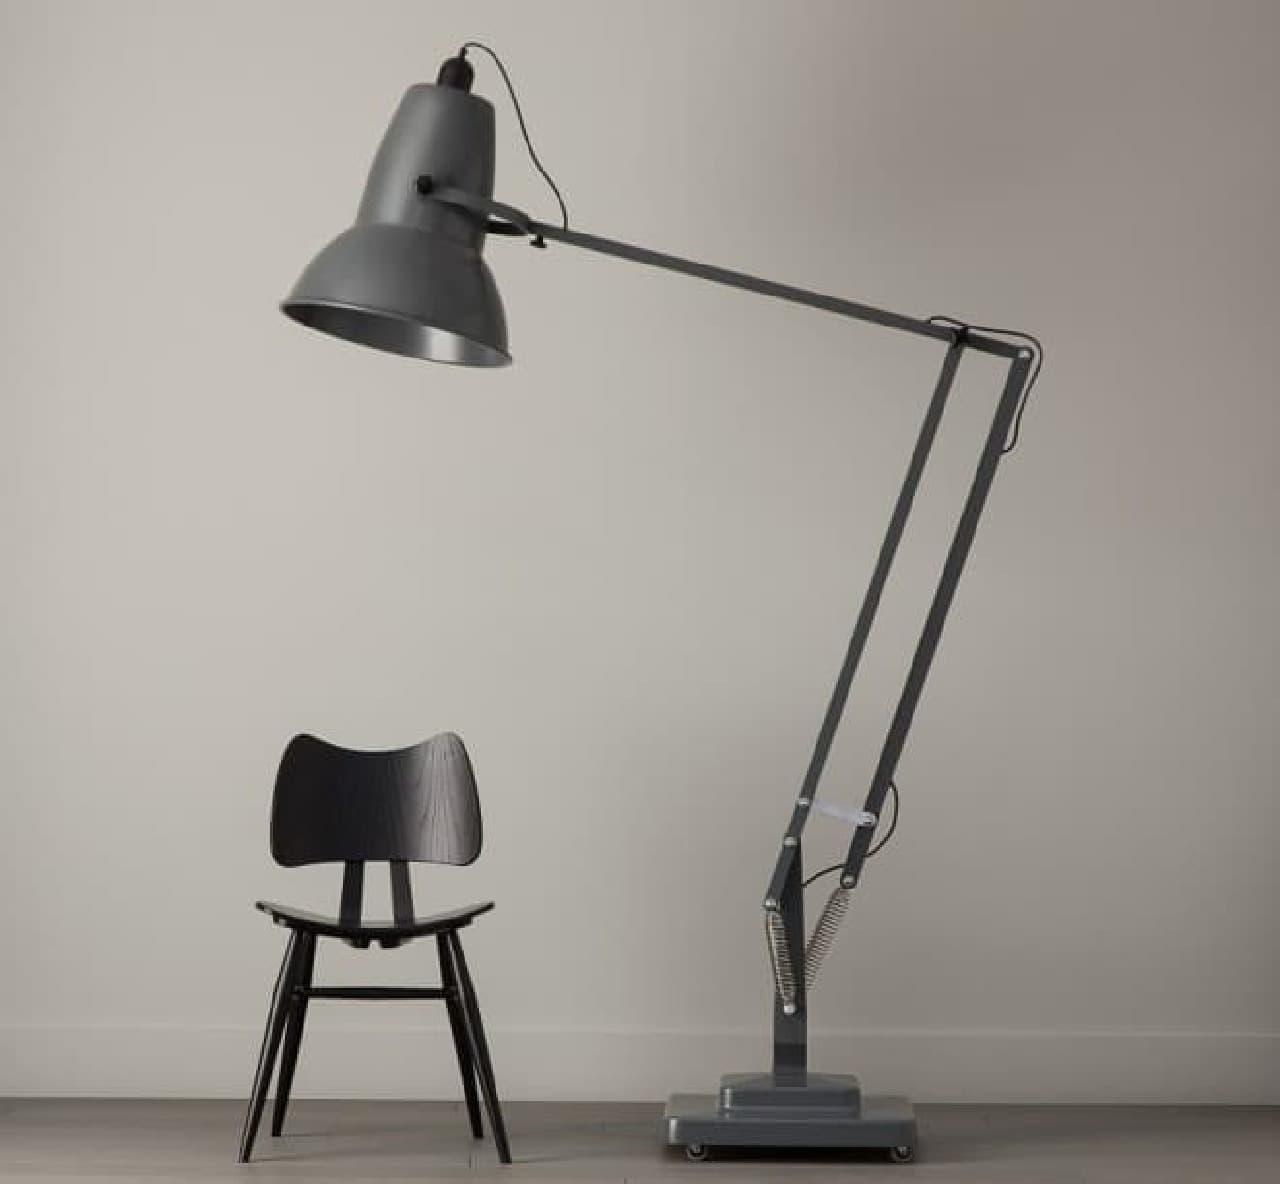 「Giant Floor Lamp」  その高さは2メートル67センチ